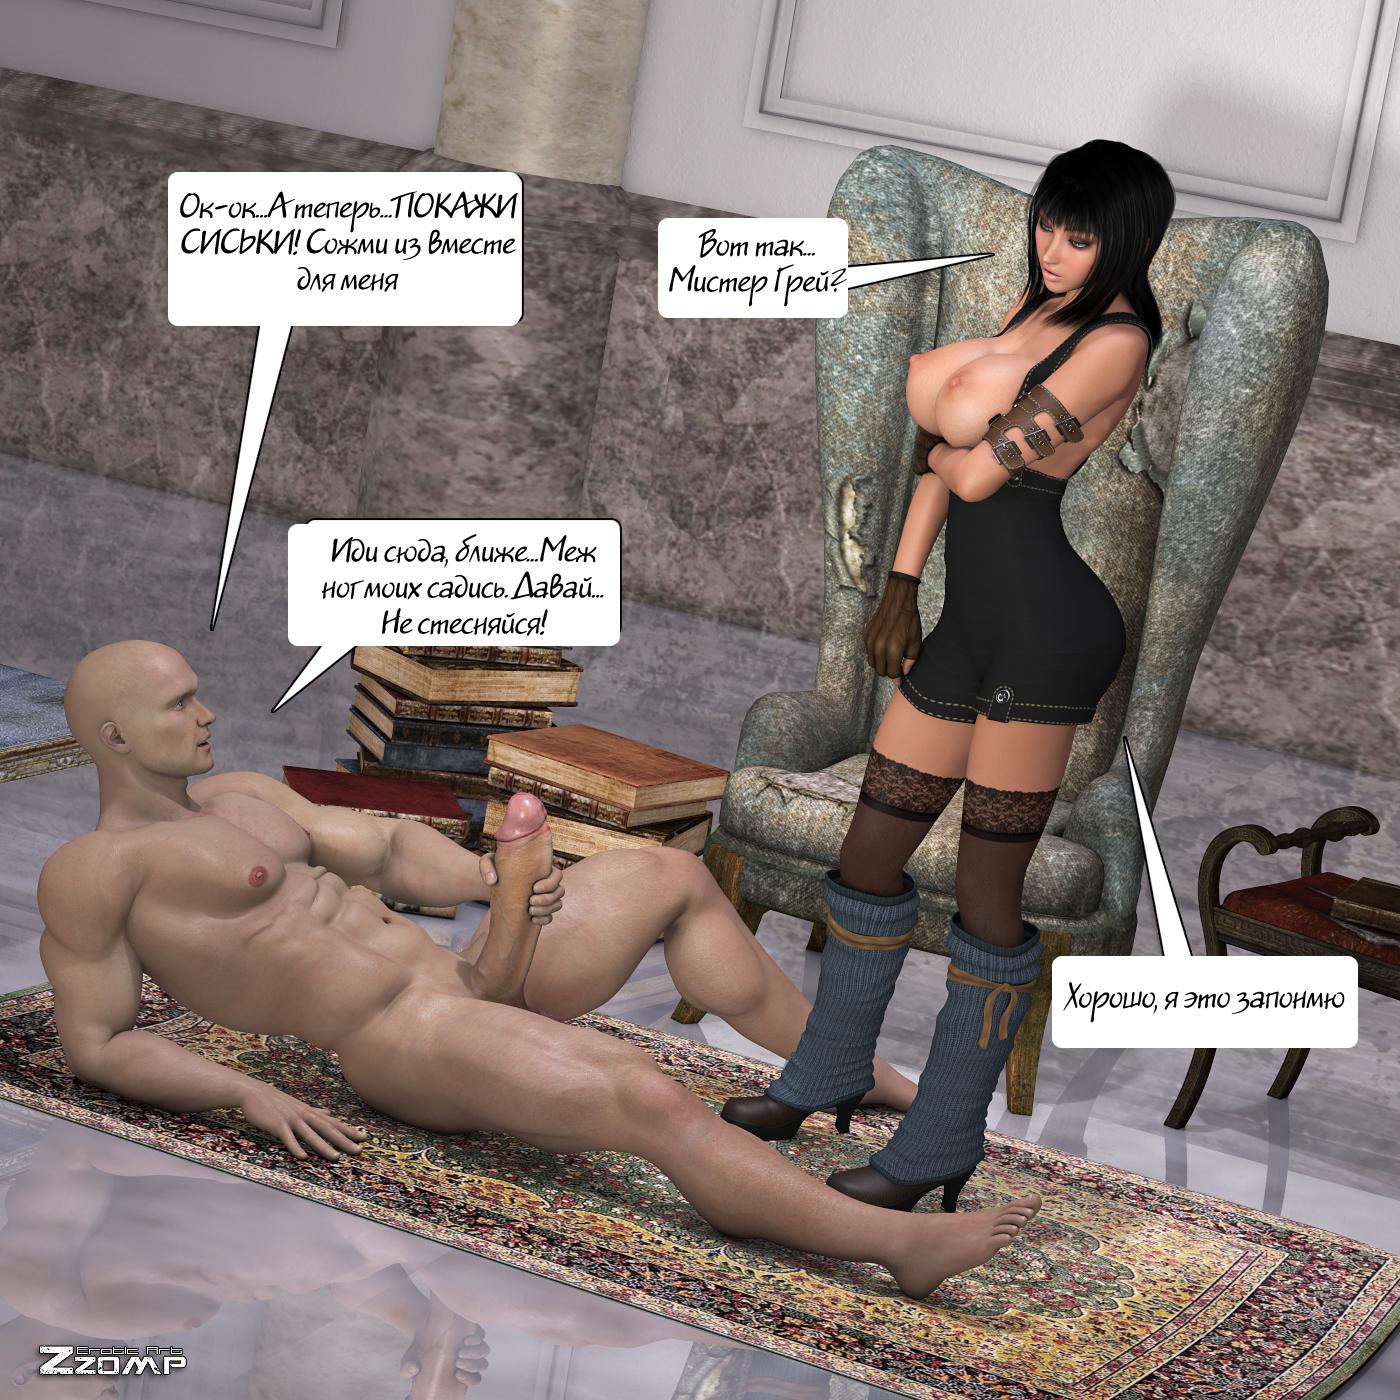 Приватное шоу порно 11 фотография